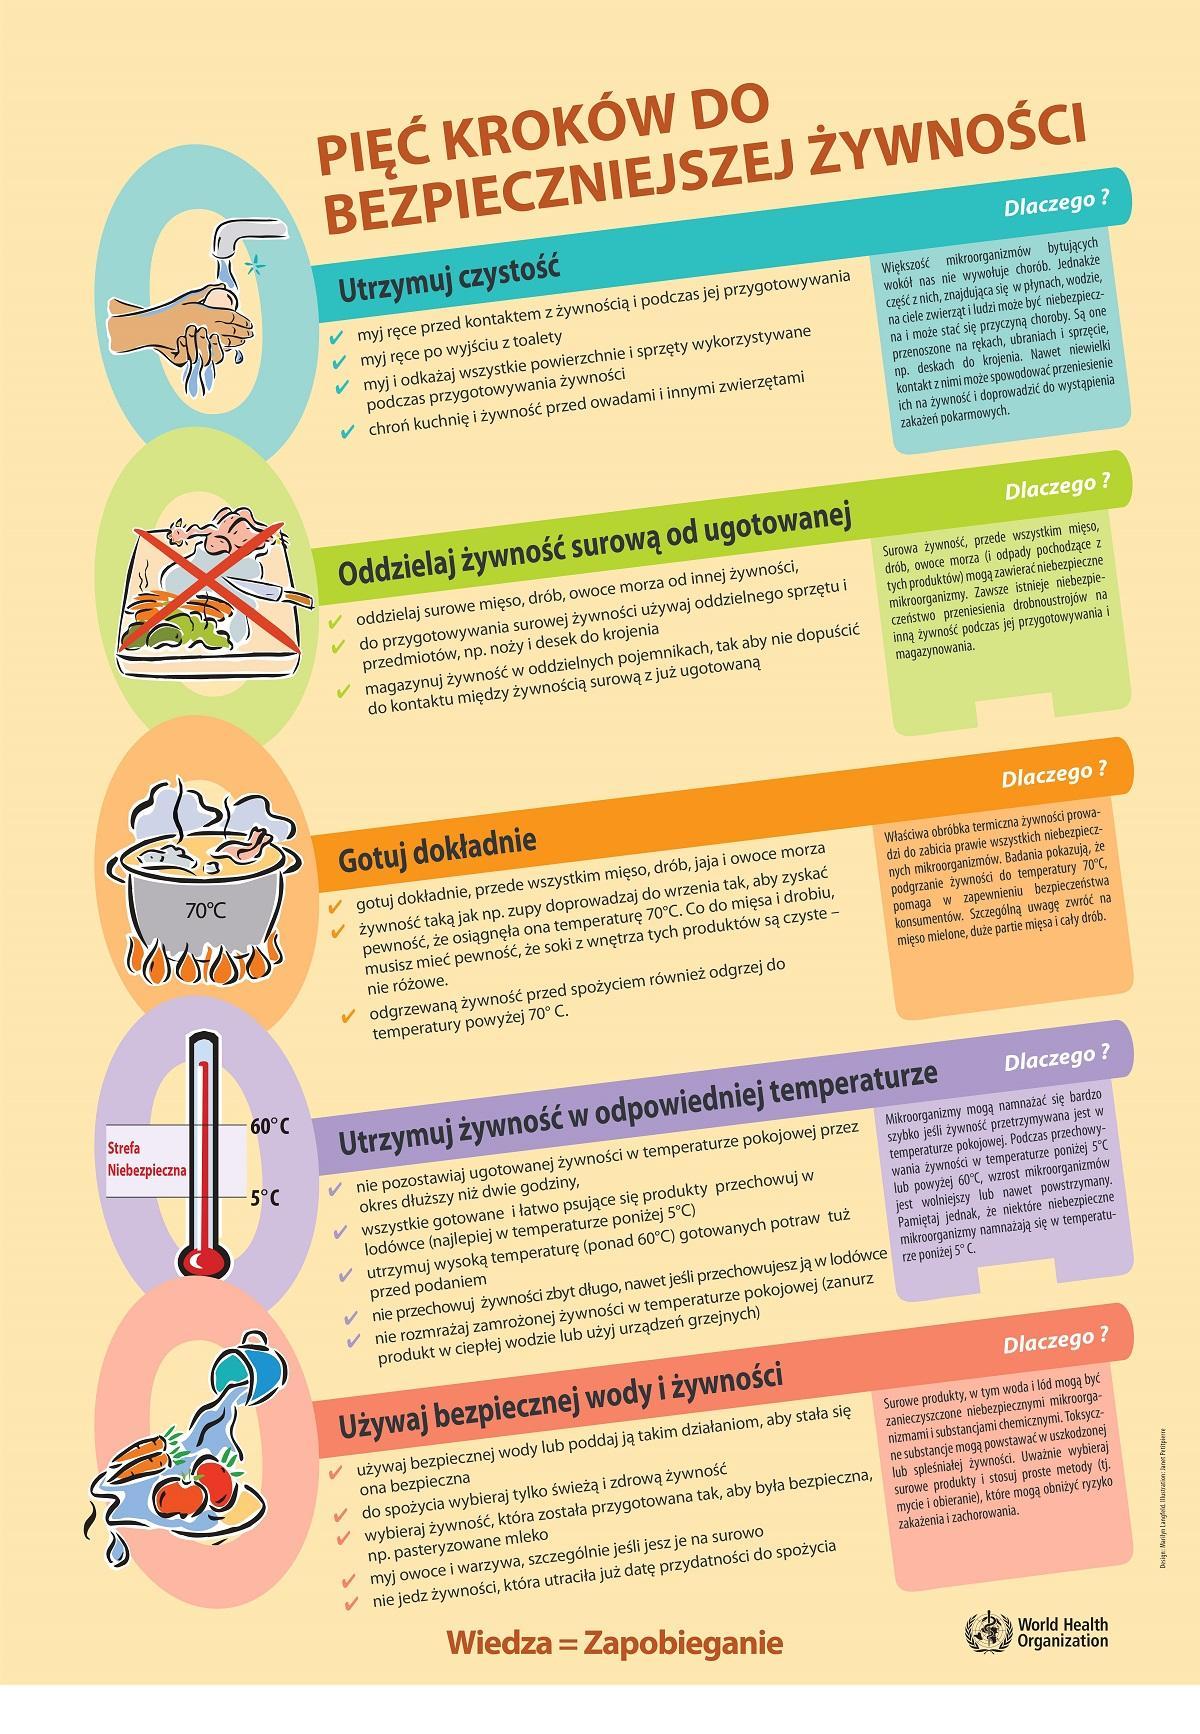 koronawirus bezpieczne jedzenie